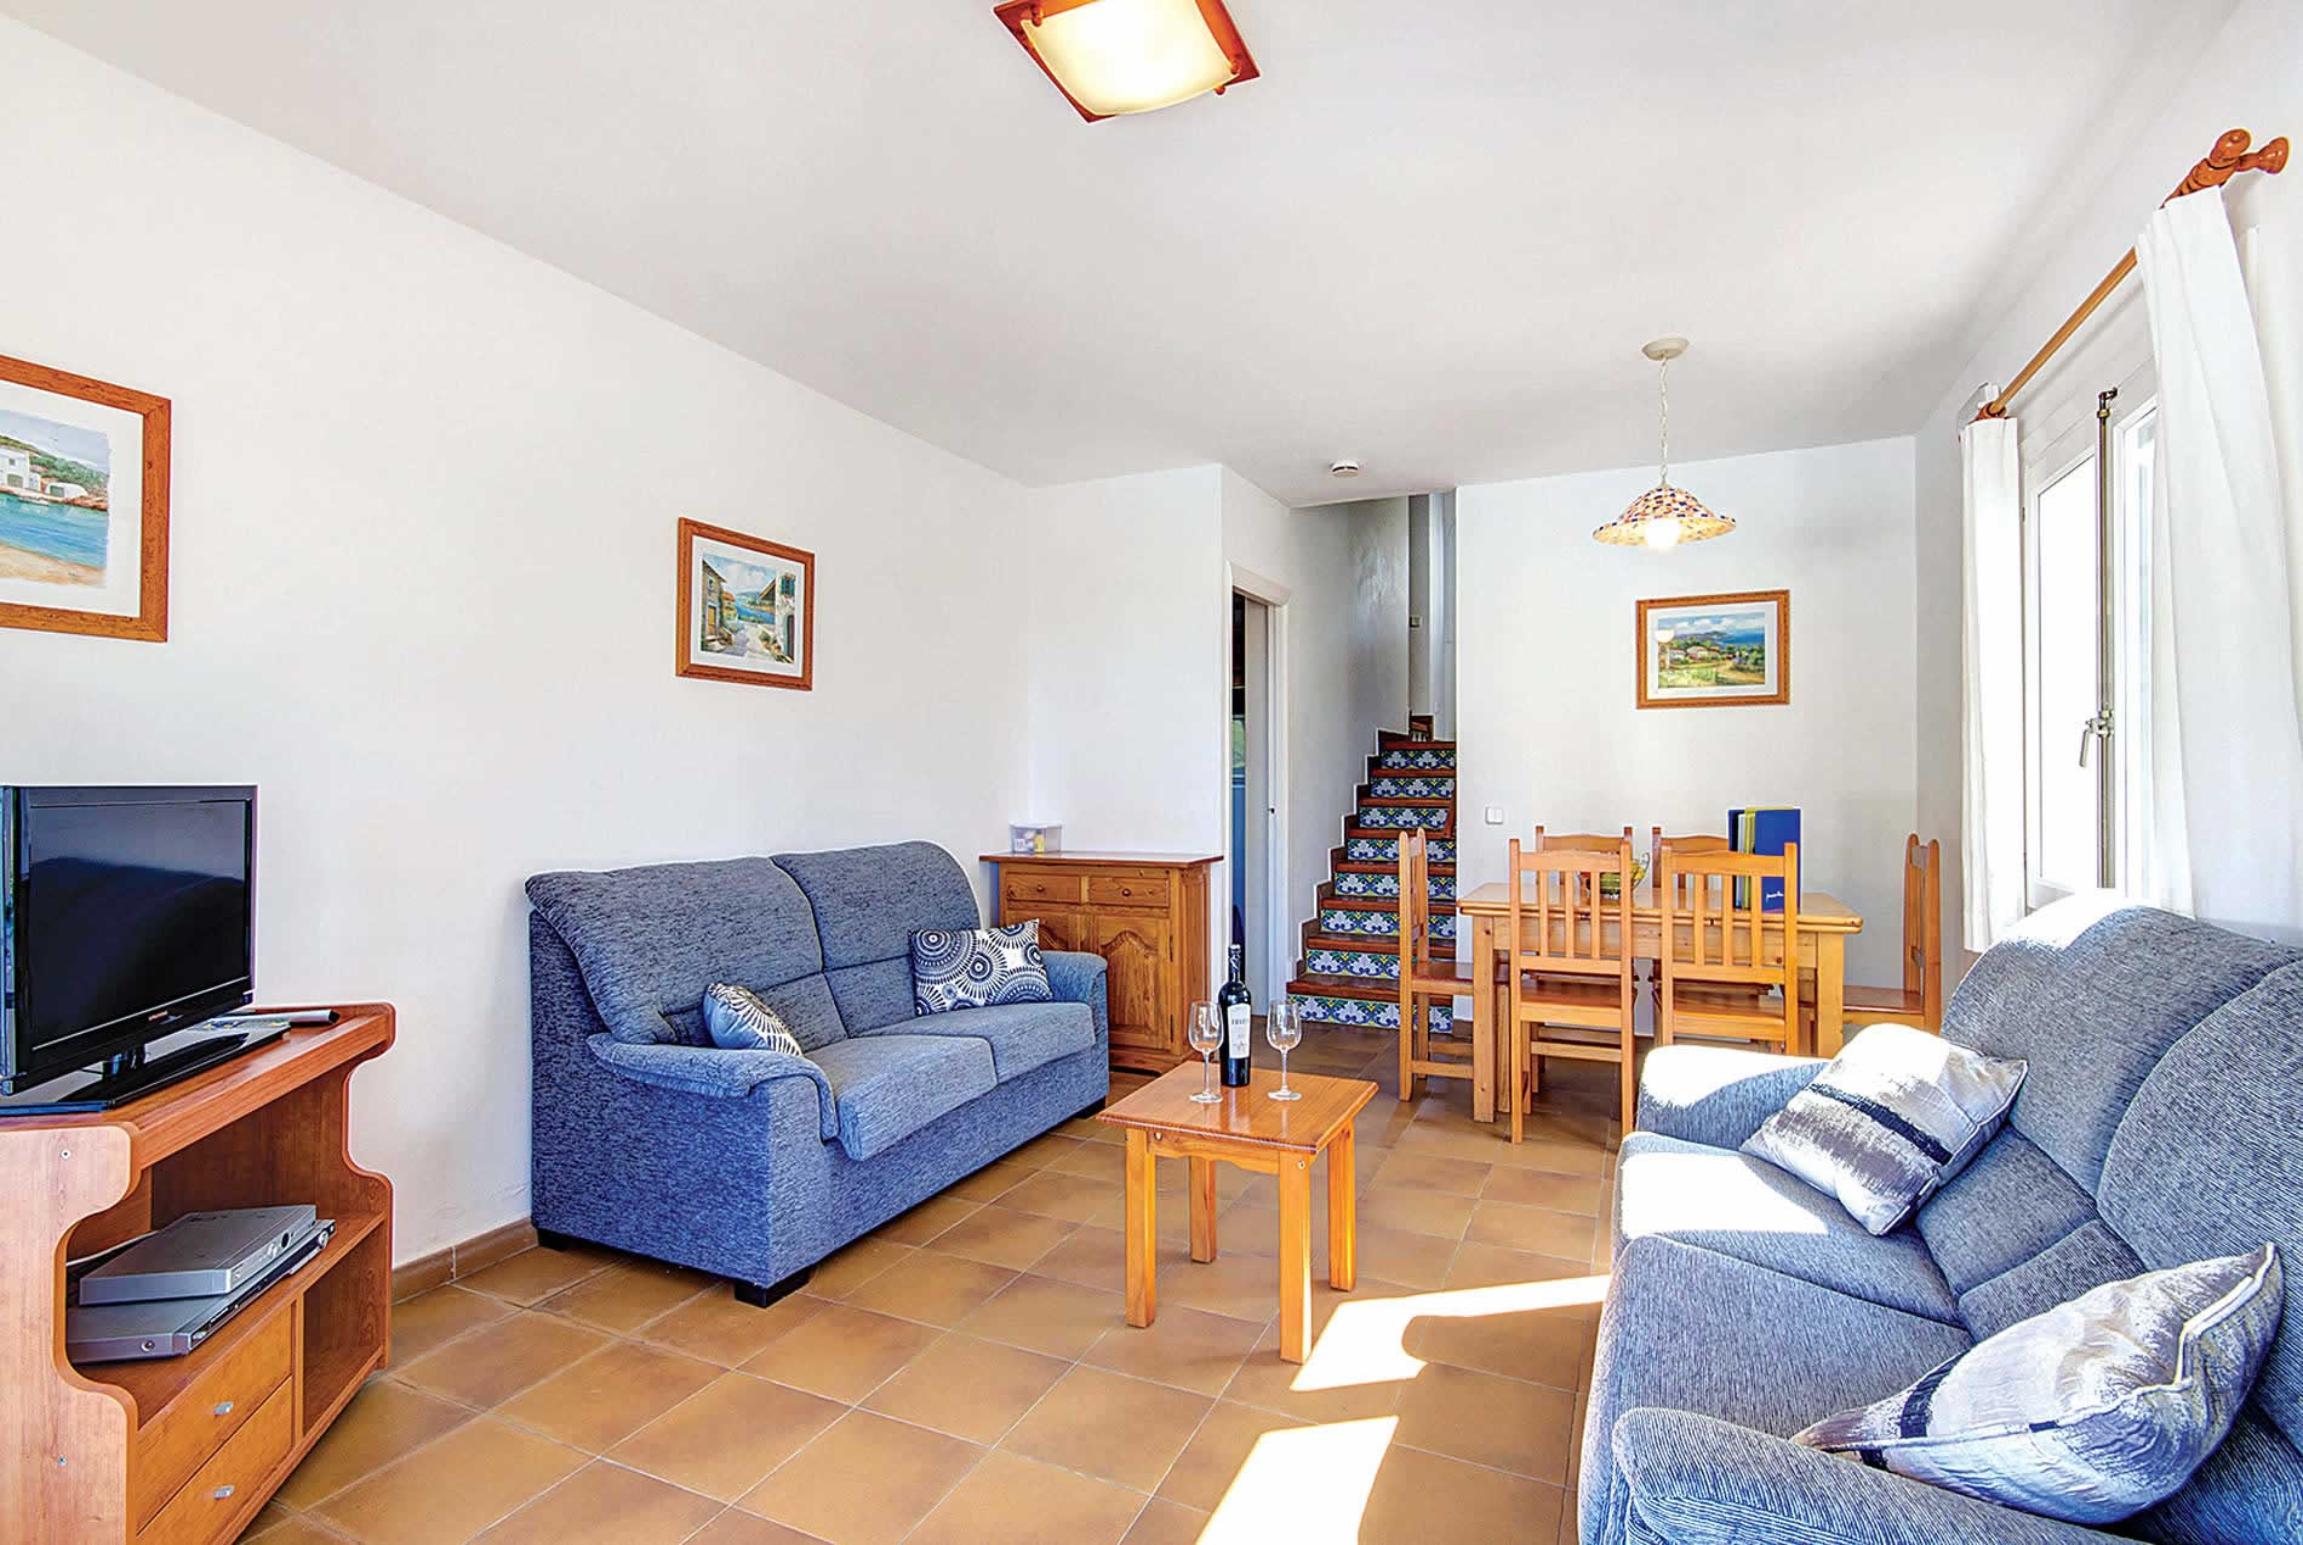 Ferienhaus Cel I Mar (2654314), Arenal De'N Castell, Menorca, Balearische Inseln, Spanien, Bild 2